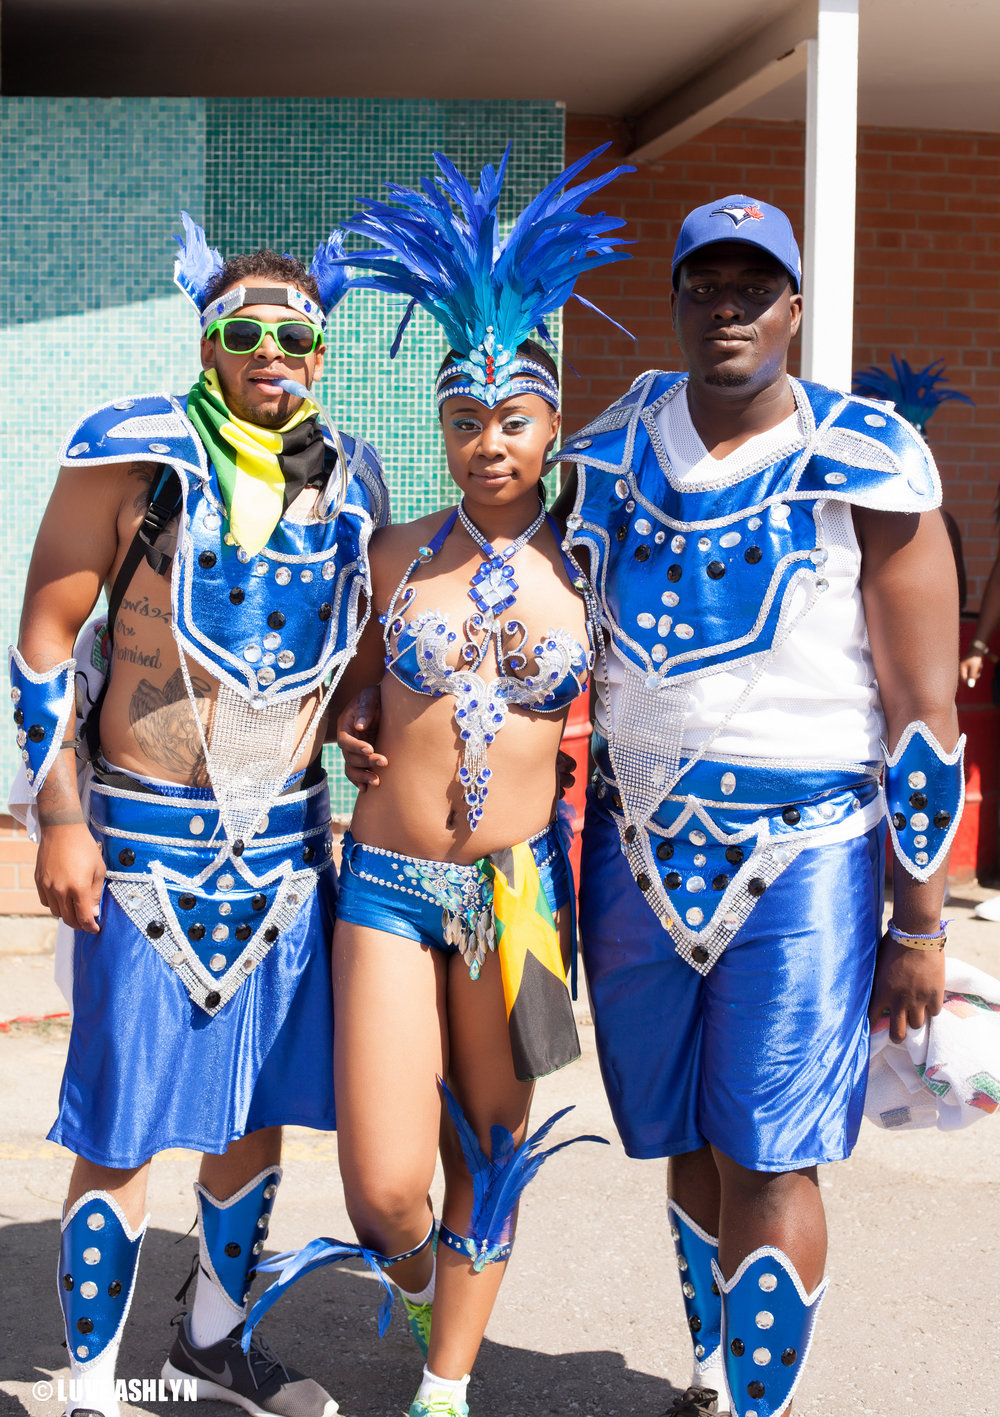 toronto-carinival-2015-10.jpg